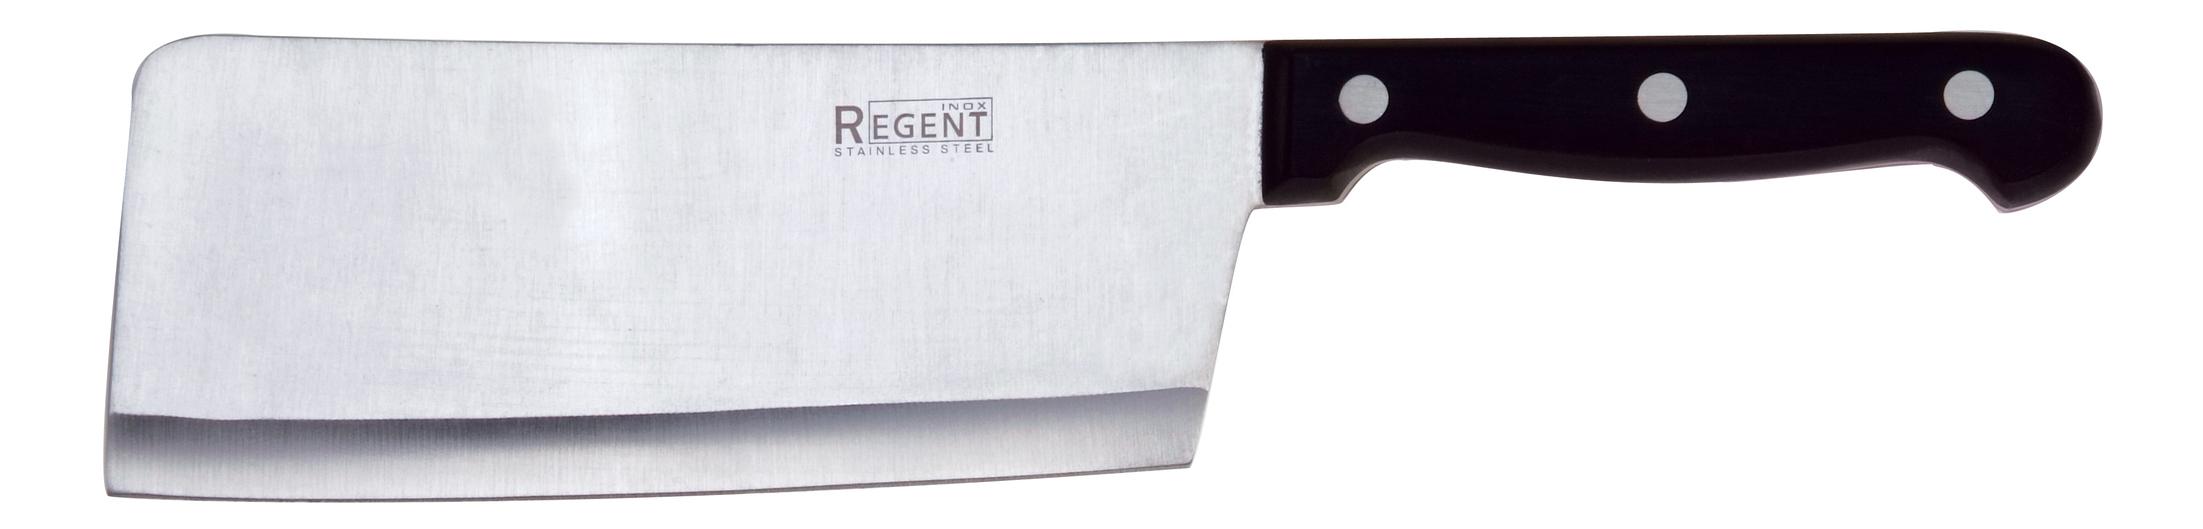 Топорик для мяса REGENT inox 93